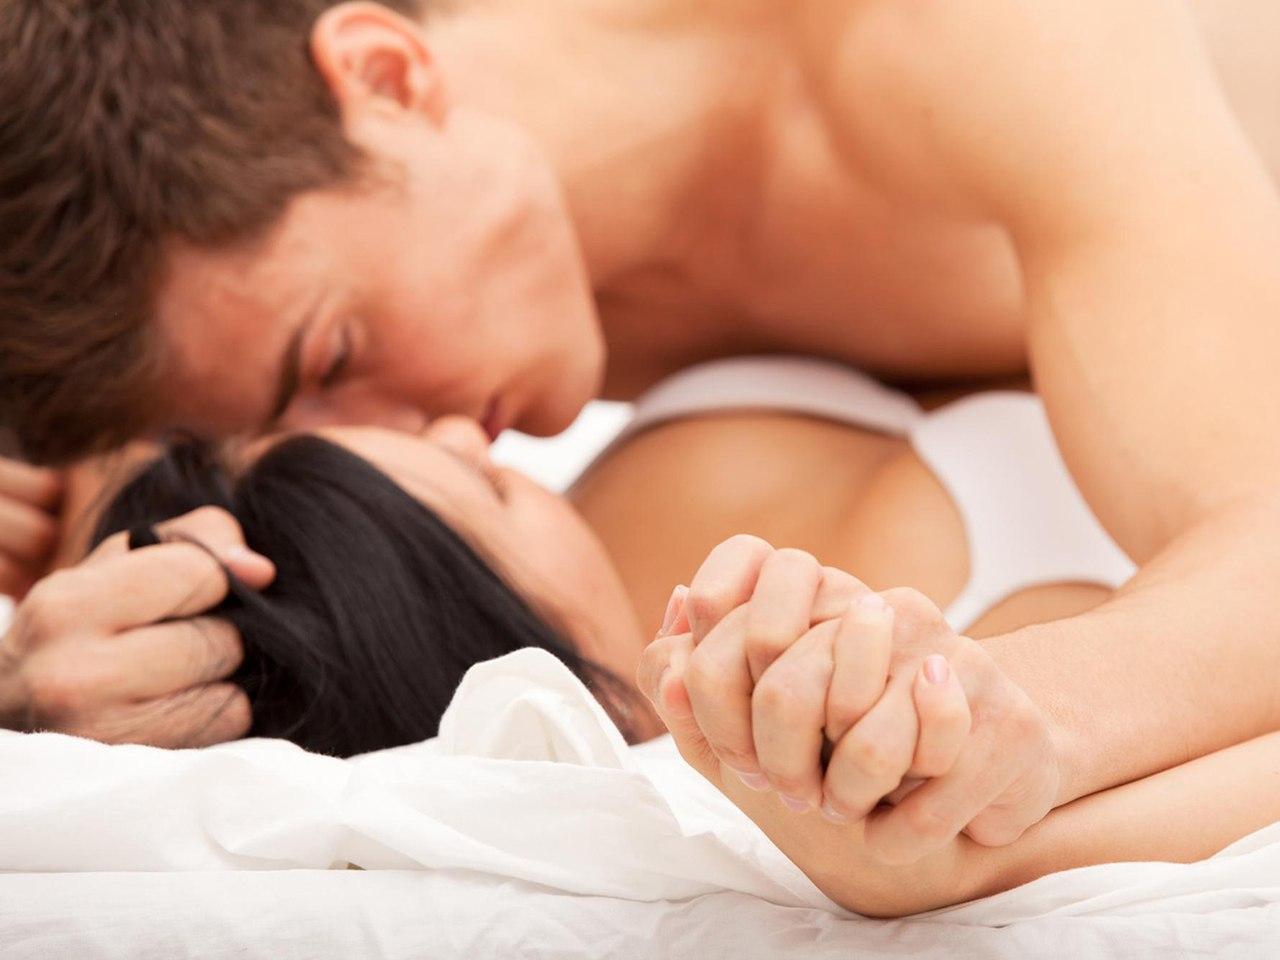 ваши отношения жену целуют вдвоем без них